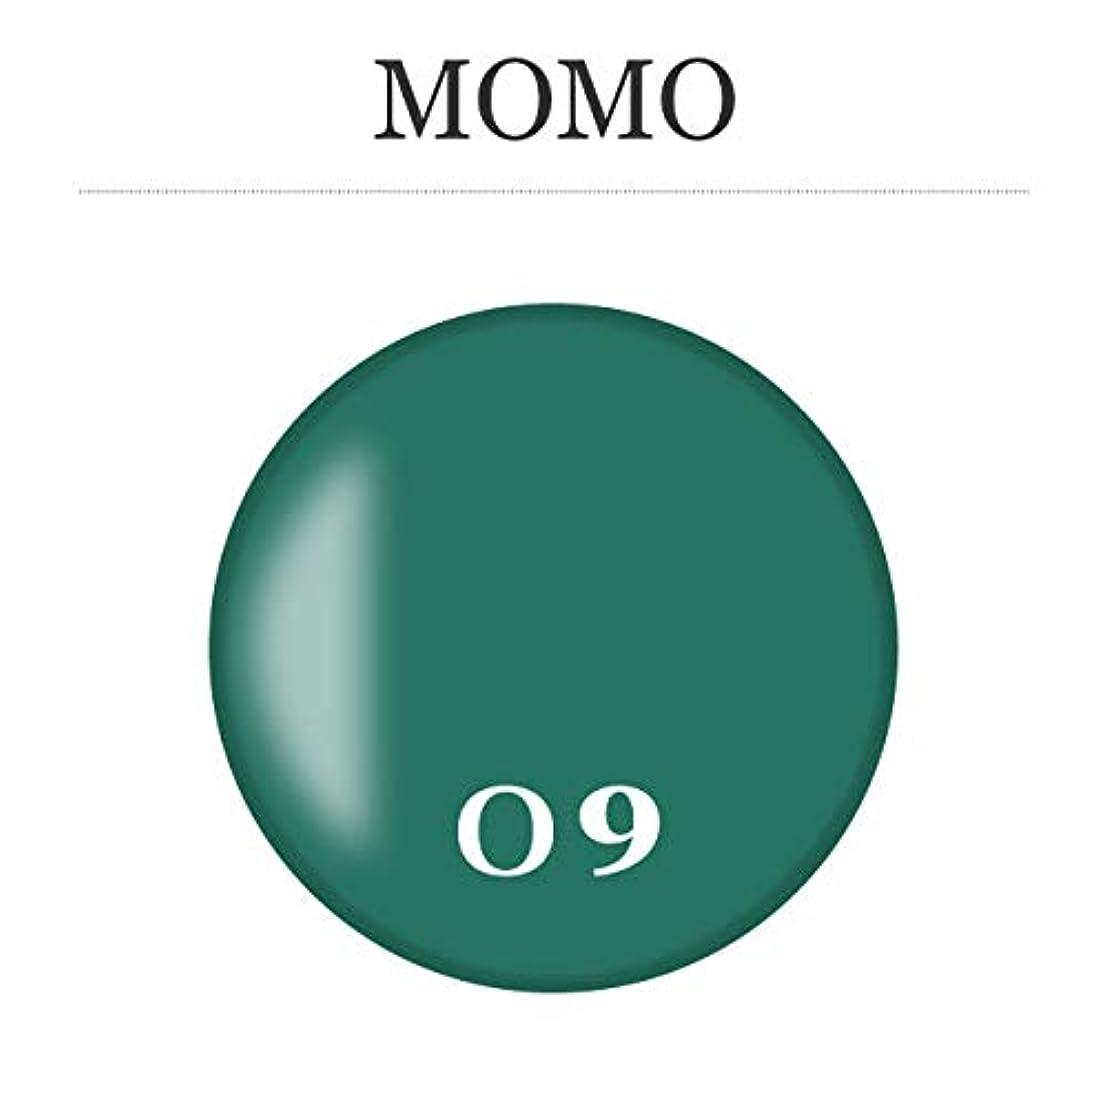 ナインへセンターレバーカラージェル MOMO-09 by nail for all